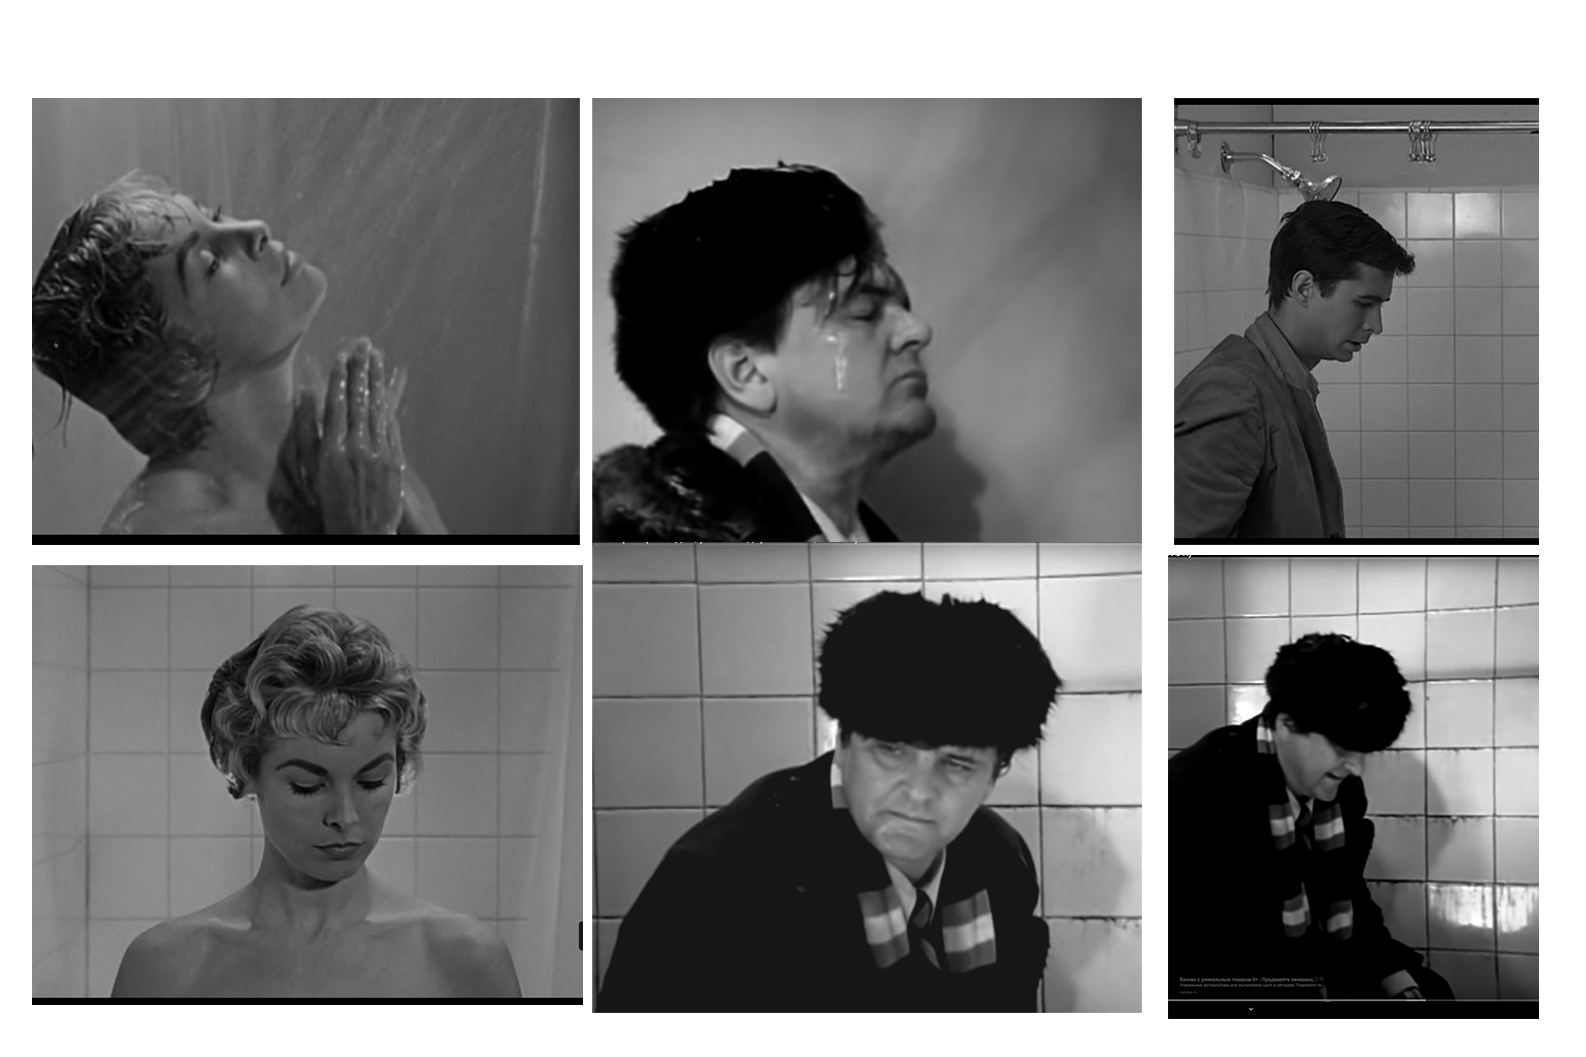 02. Сцена в ванной (много одинаковых планов. Обратите внимание на душ и кафель, стекающую с лица воду)